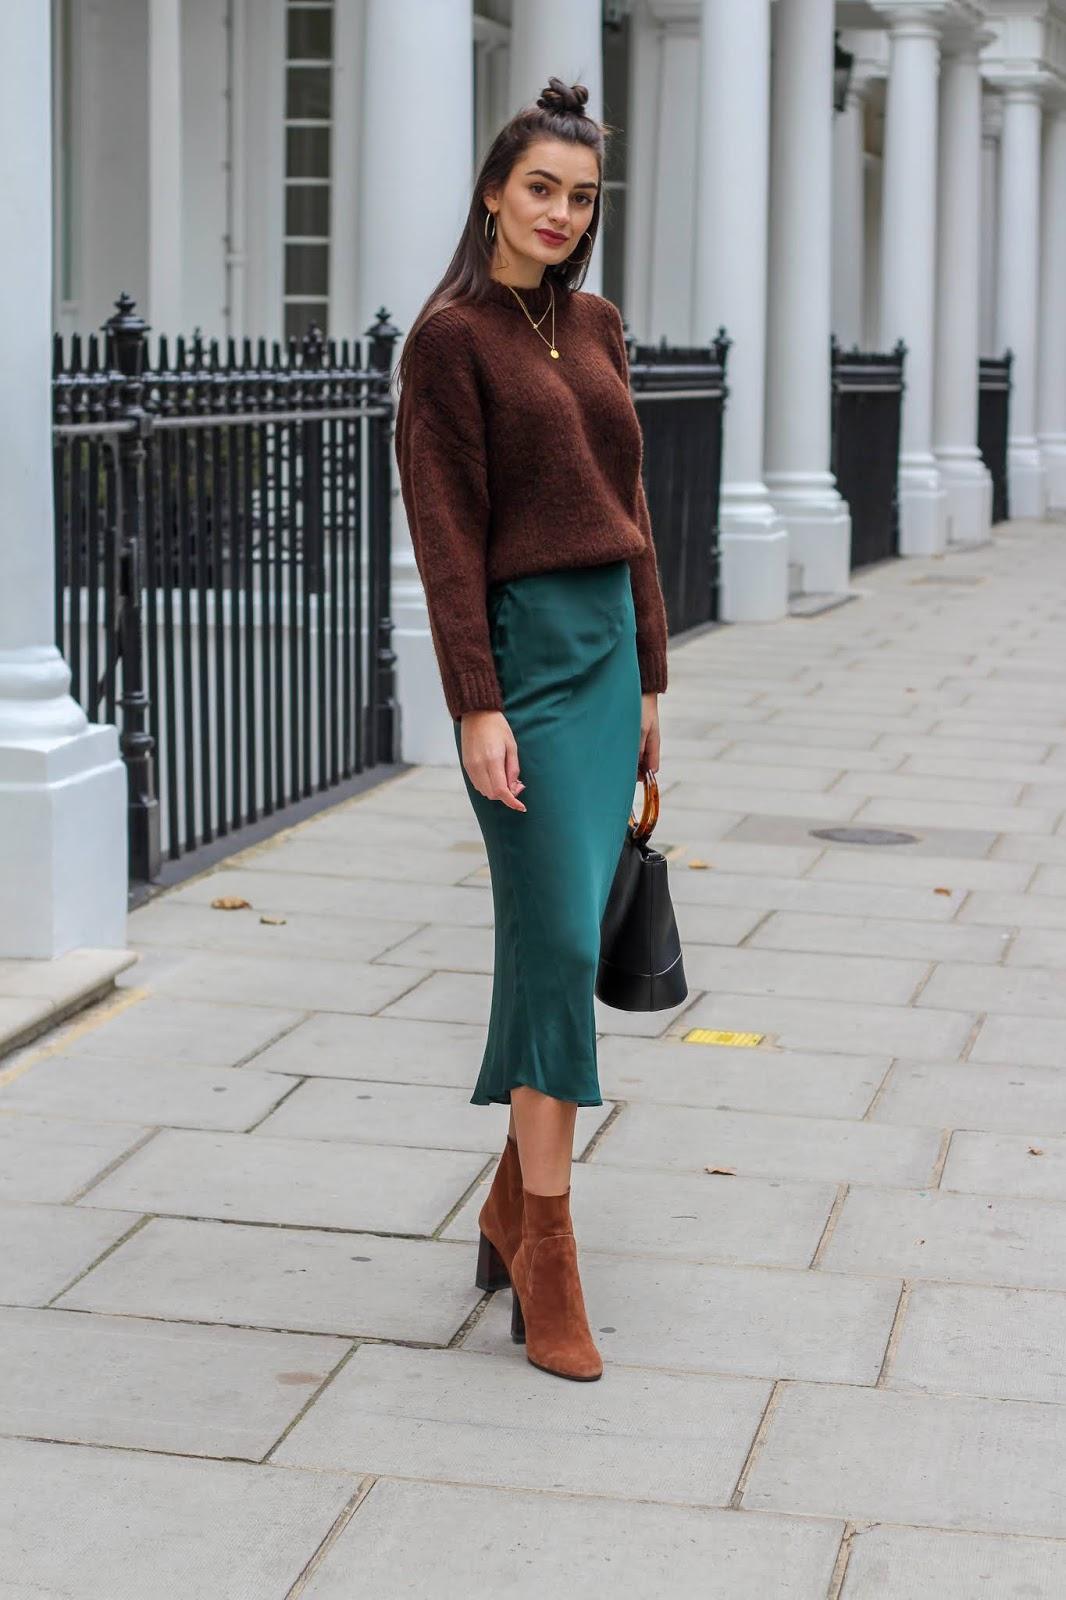 satin-skirt trend